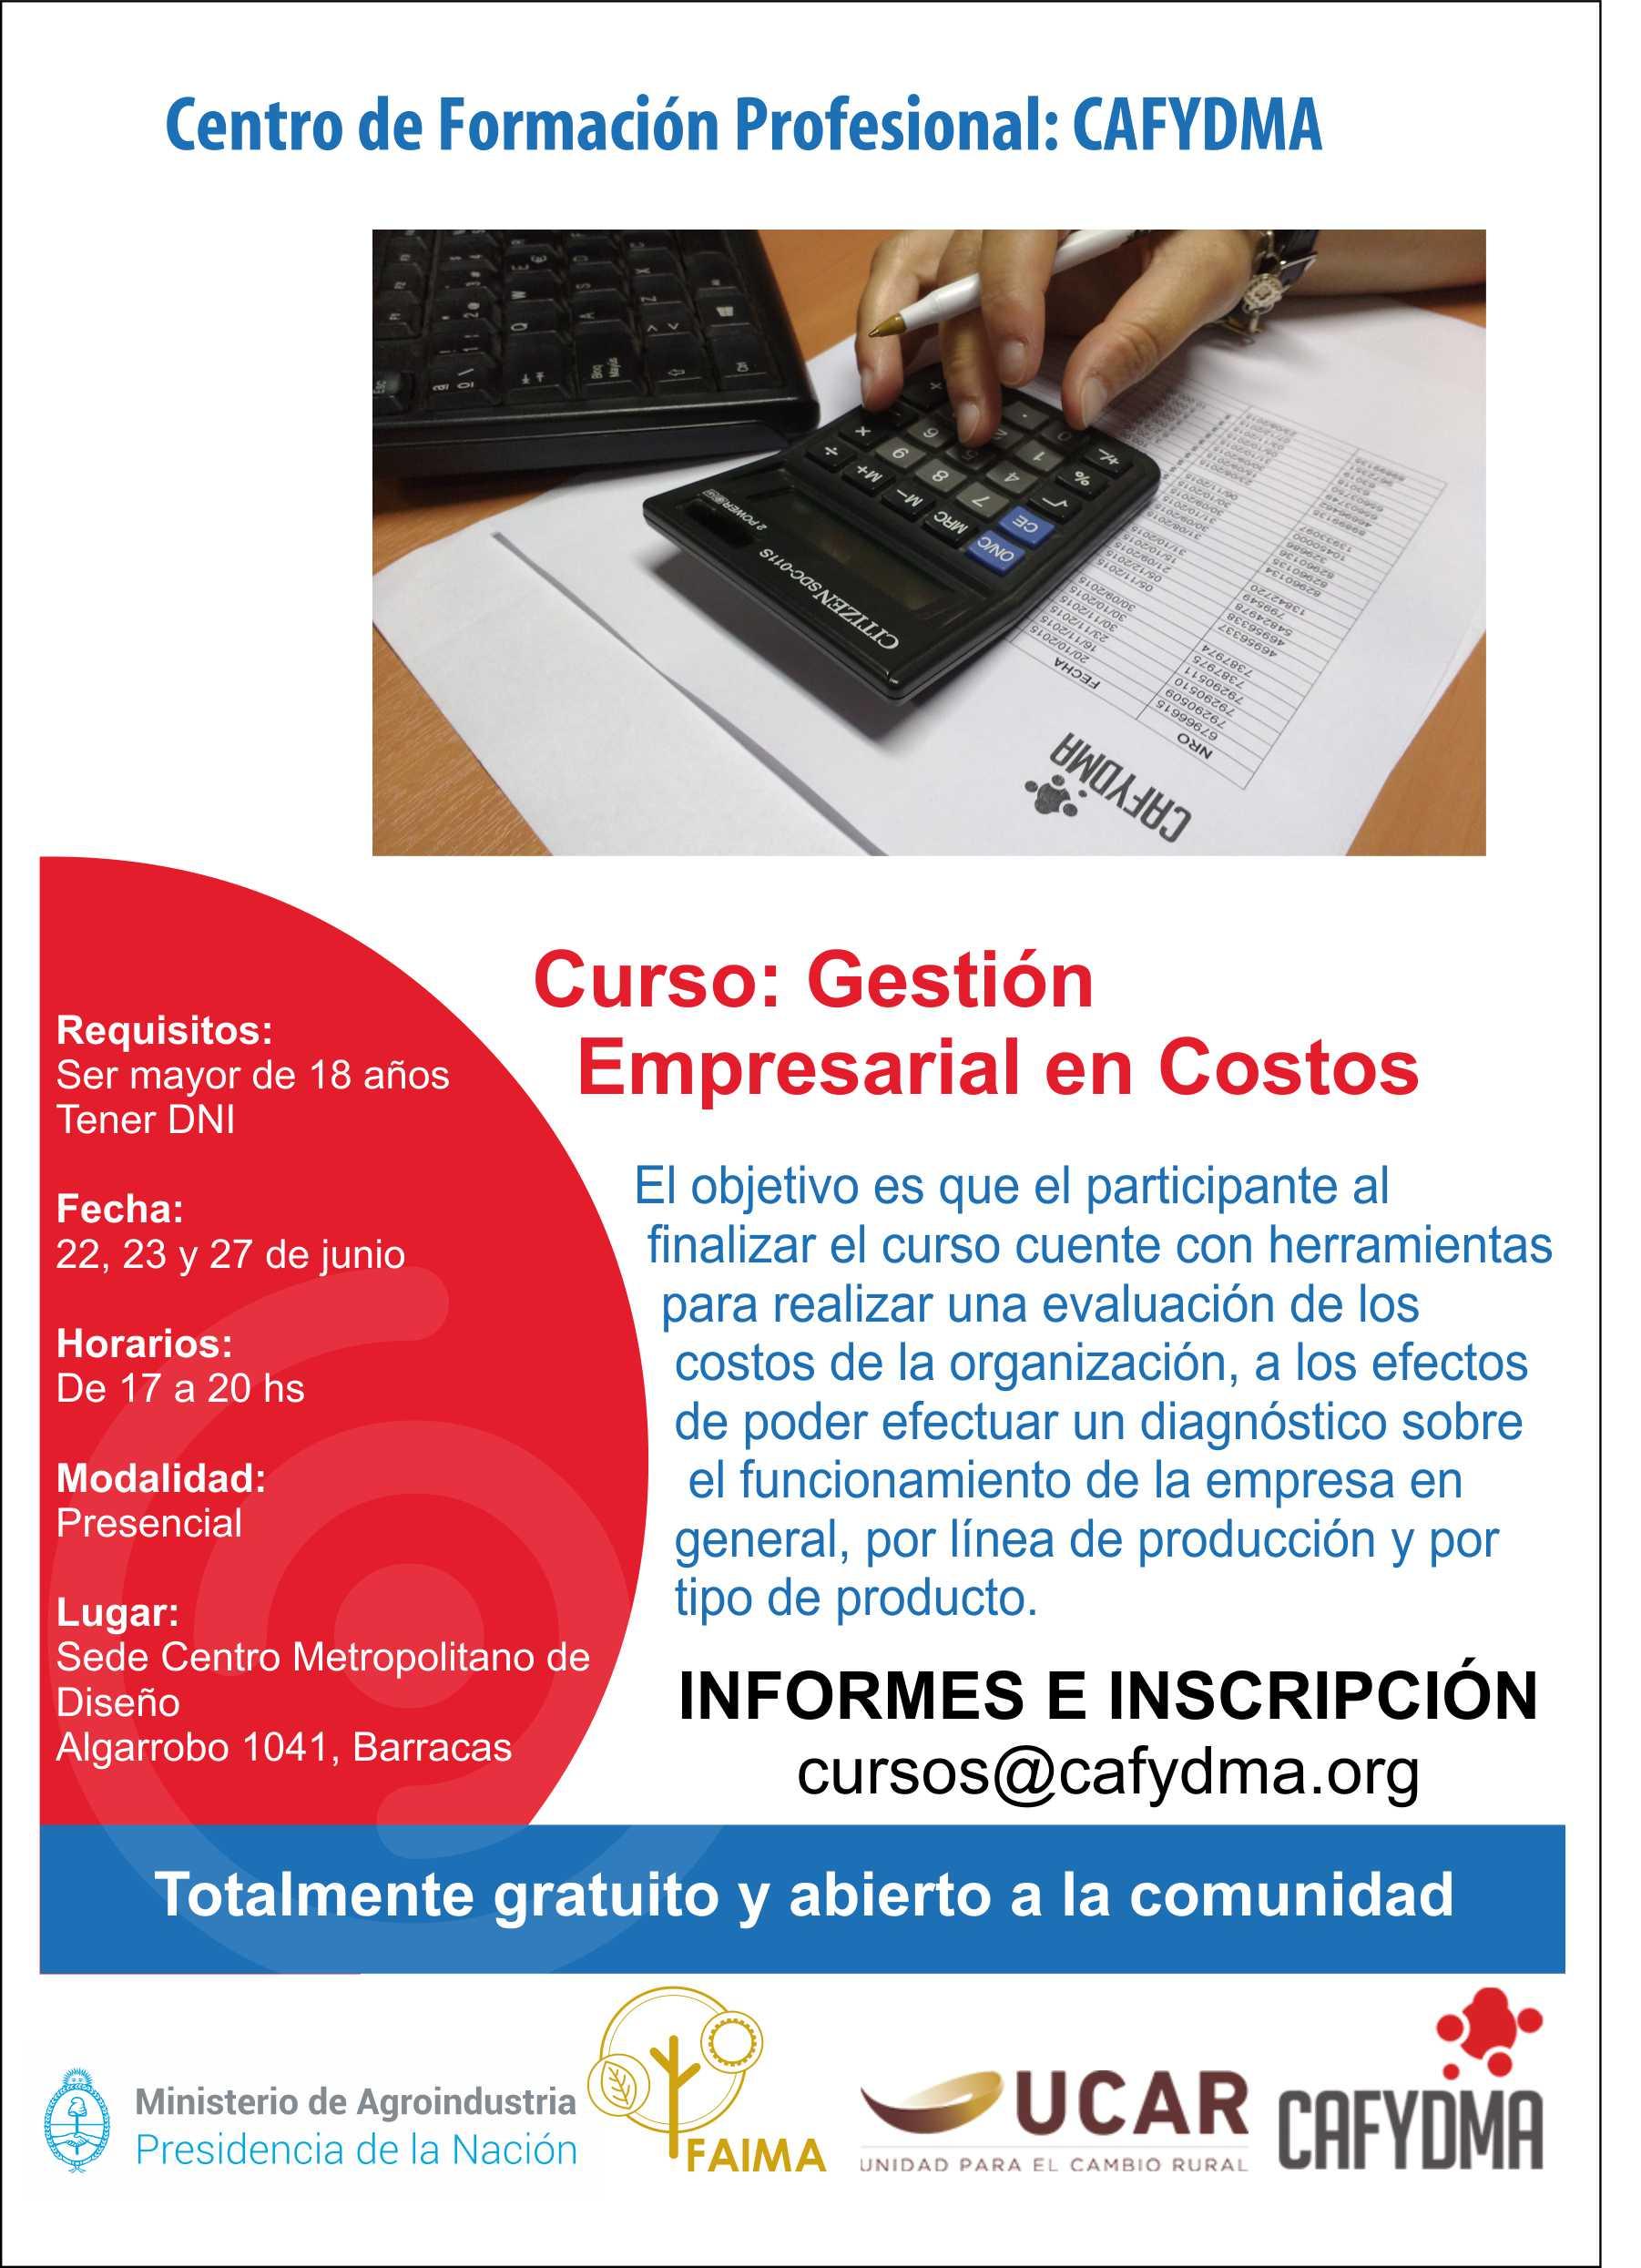 Cursos gratuito de Gestión Empresarial de costos